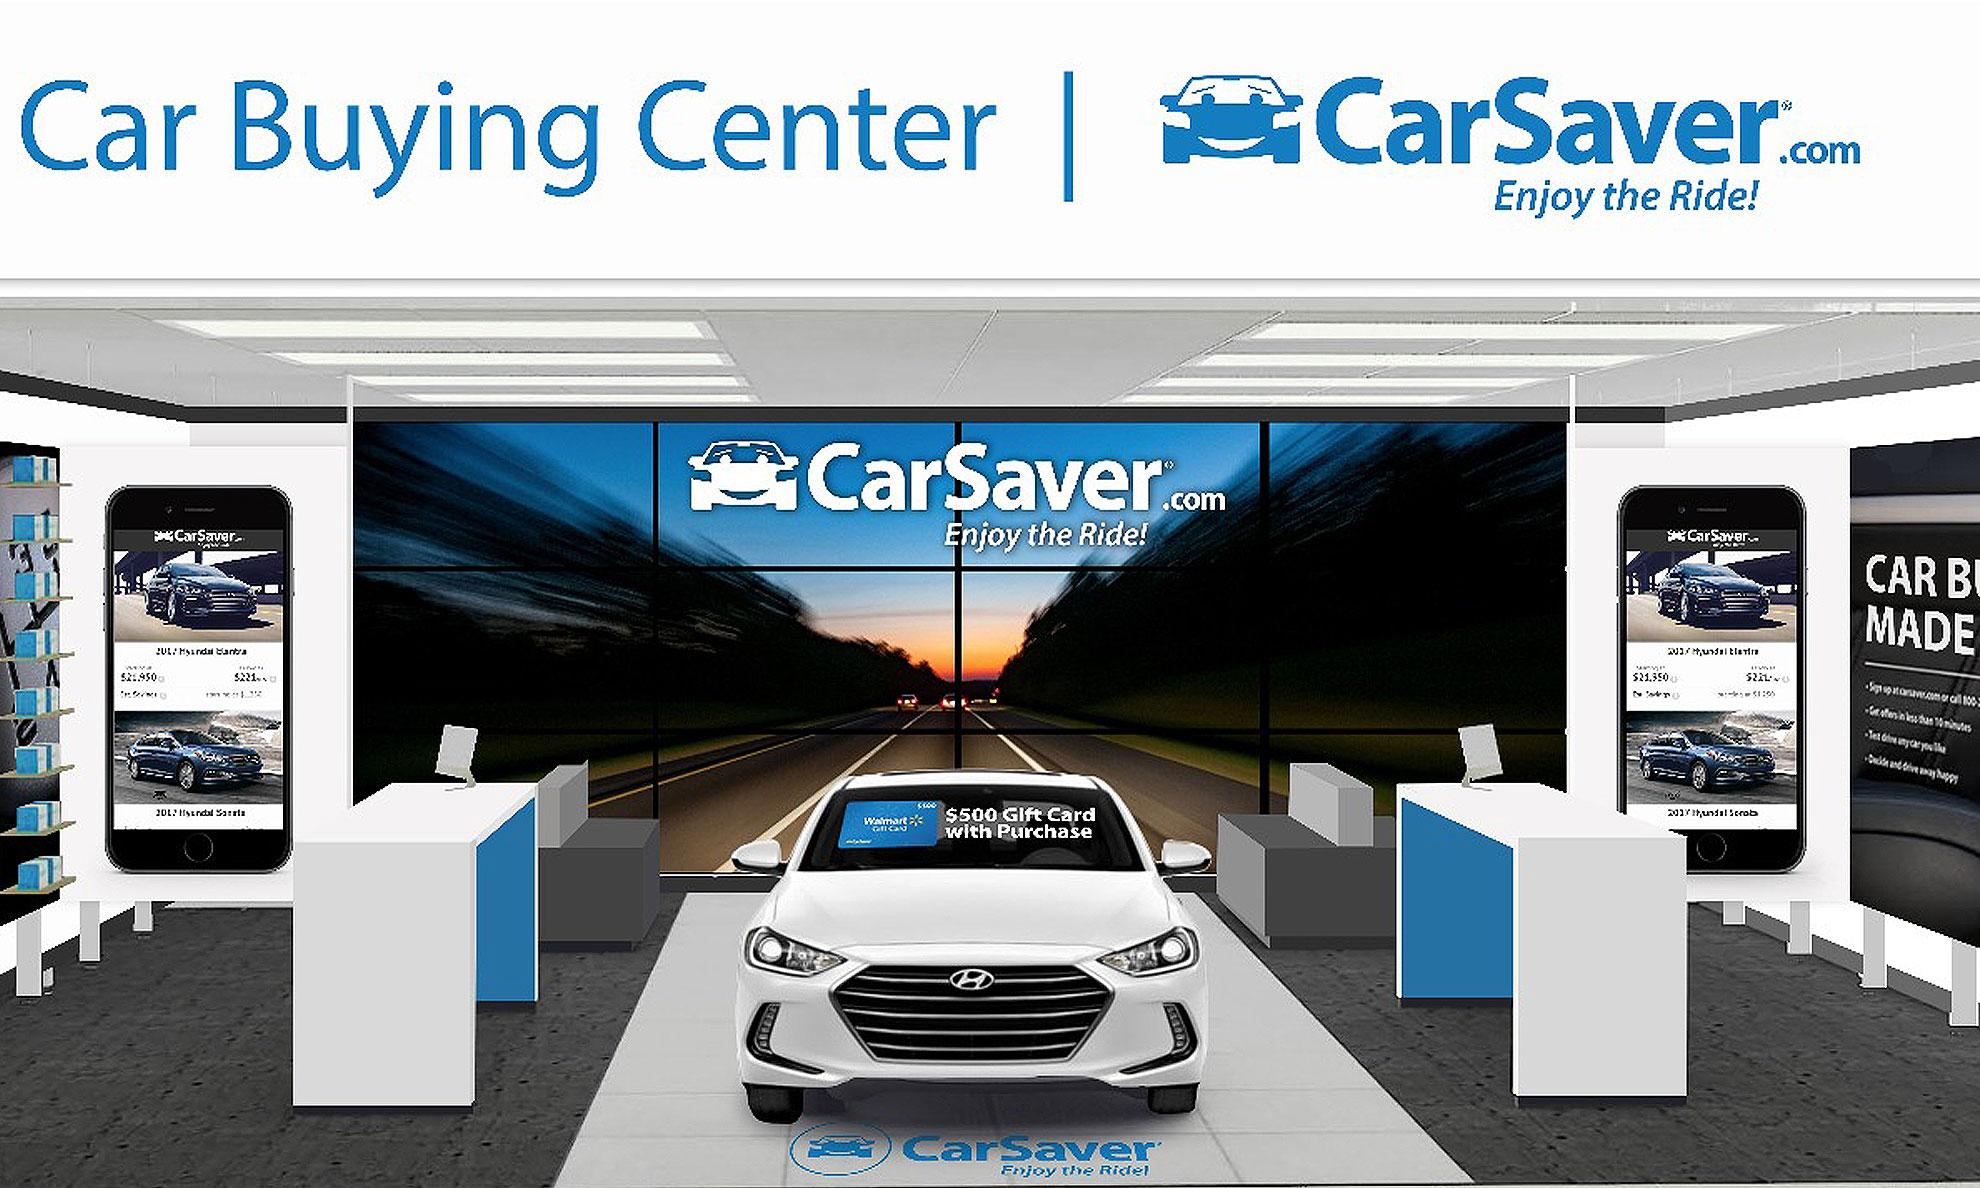 Wal Mart Carsaver Will Sell Cars